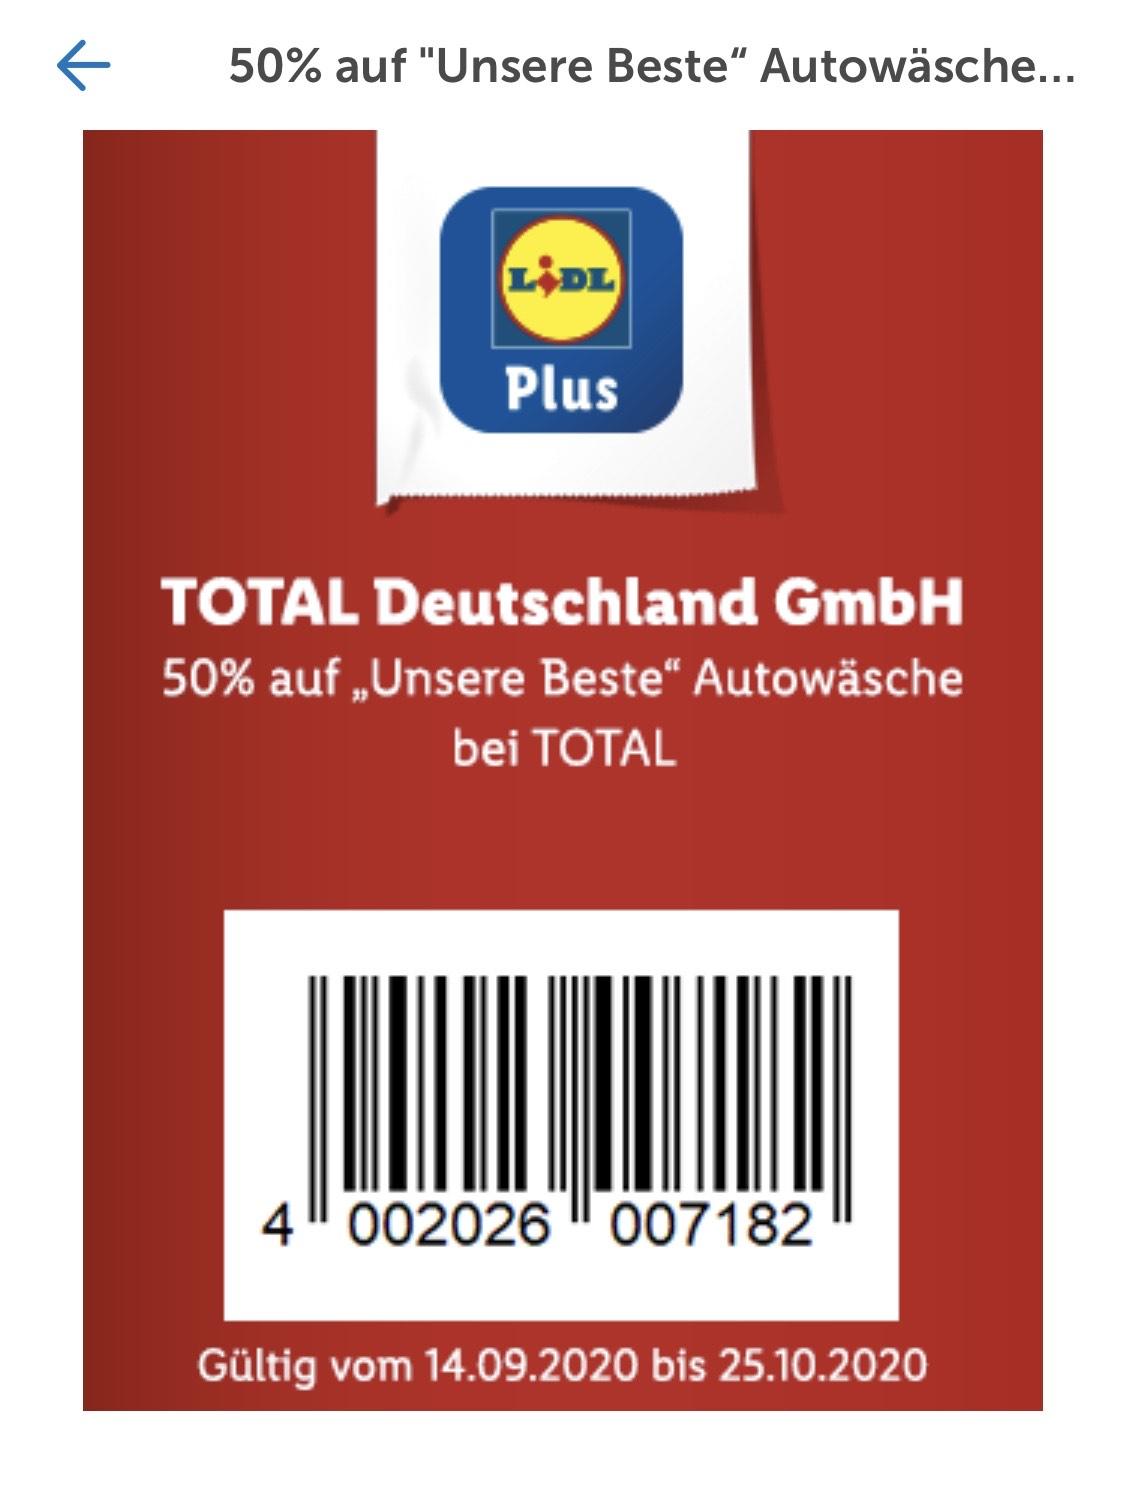 """TOTAL Autowäsche """"Unsere Beste"""" für 6,49€ über Gutschein in der LIDL Plus App [Bundesweit] (Mindestens 50% auf den Preis vor Ort)"""